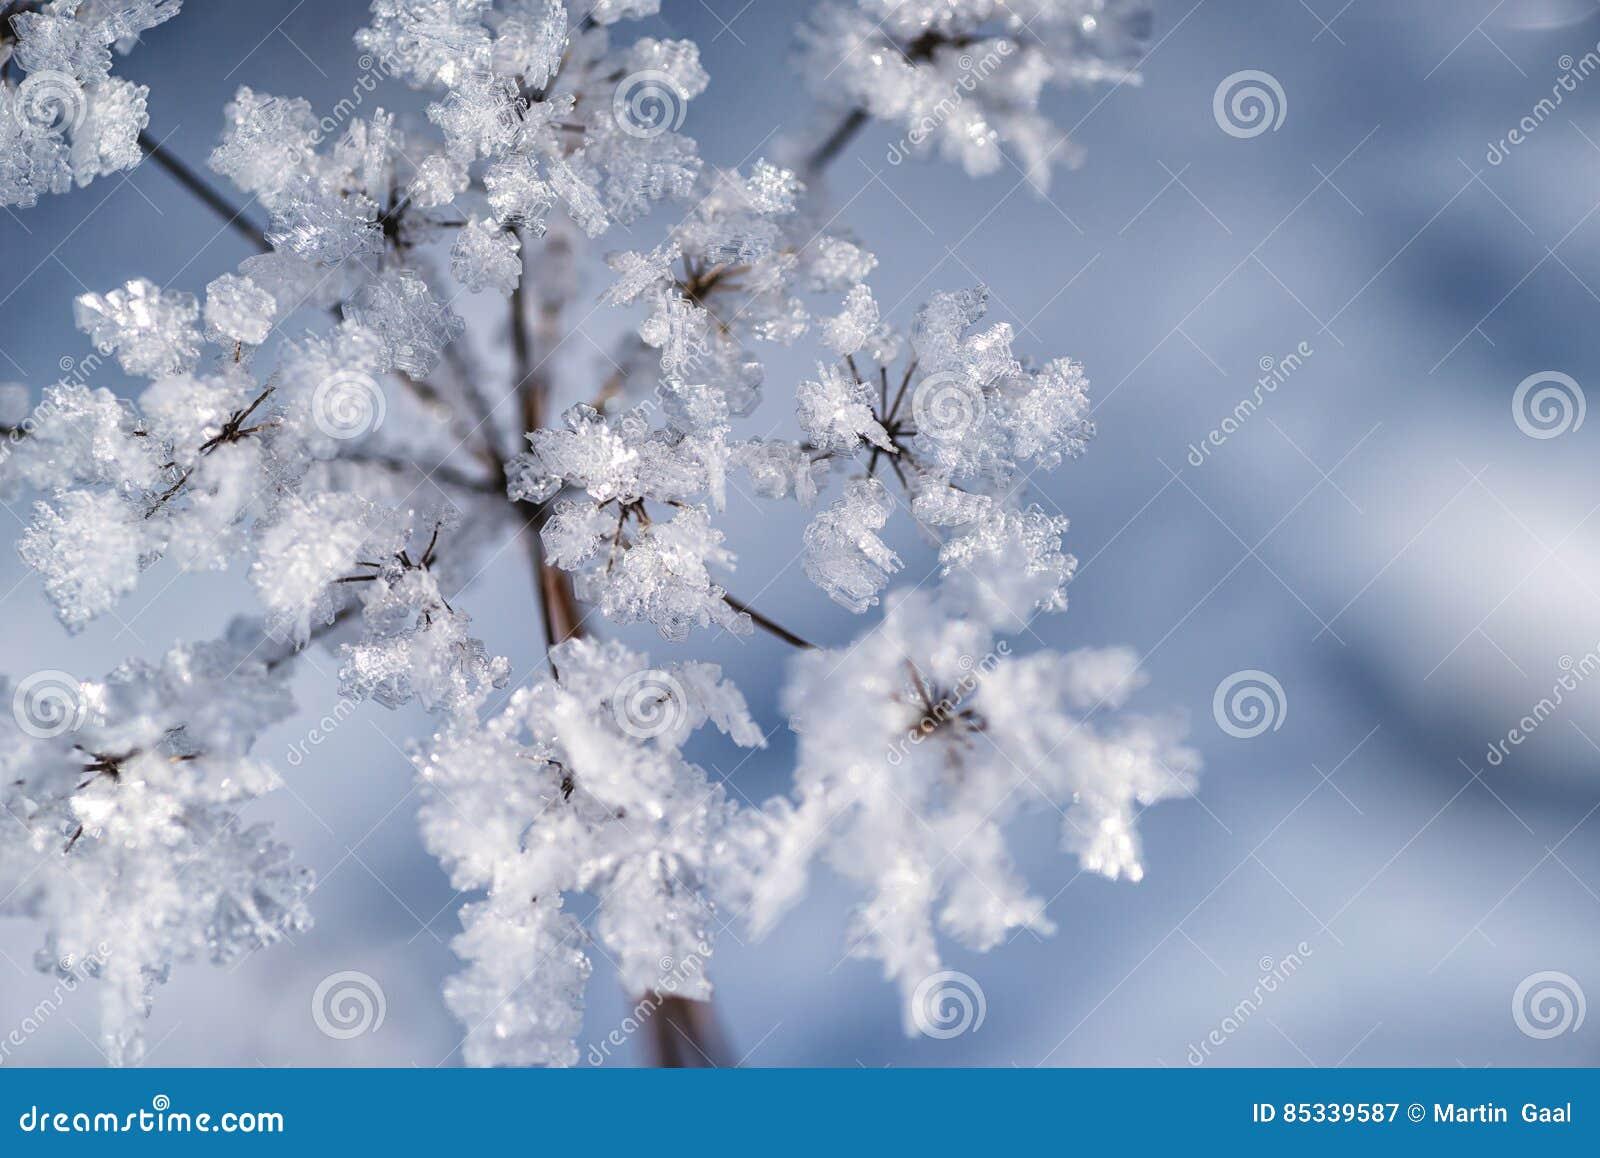 De winter bevroren achtergrond in aard, het bevriezen kristallen op gras, macrofotografie